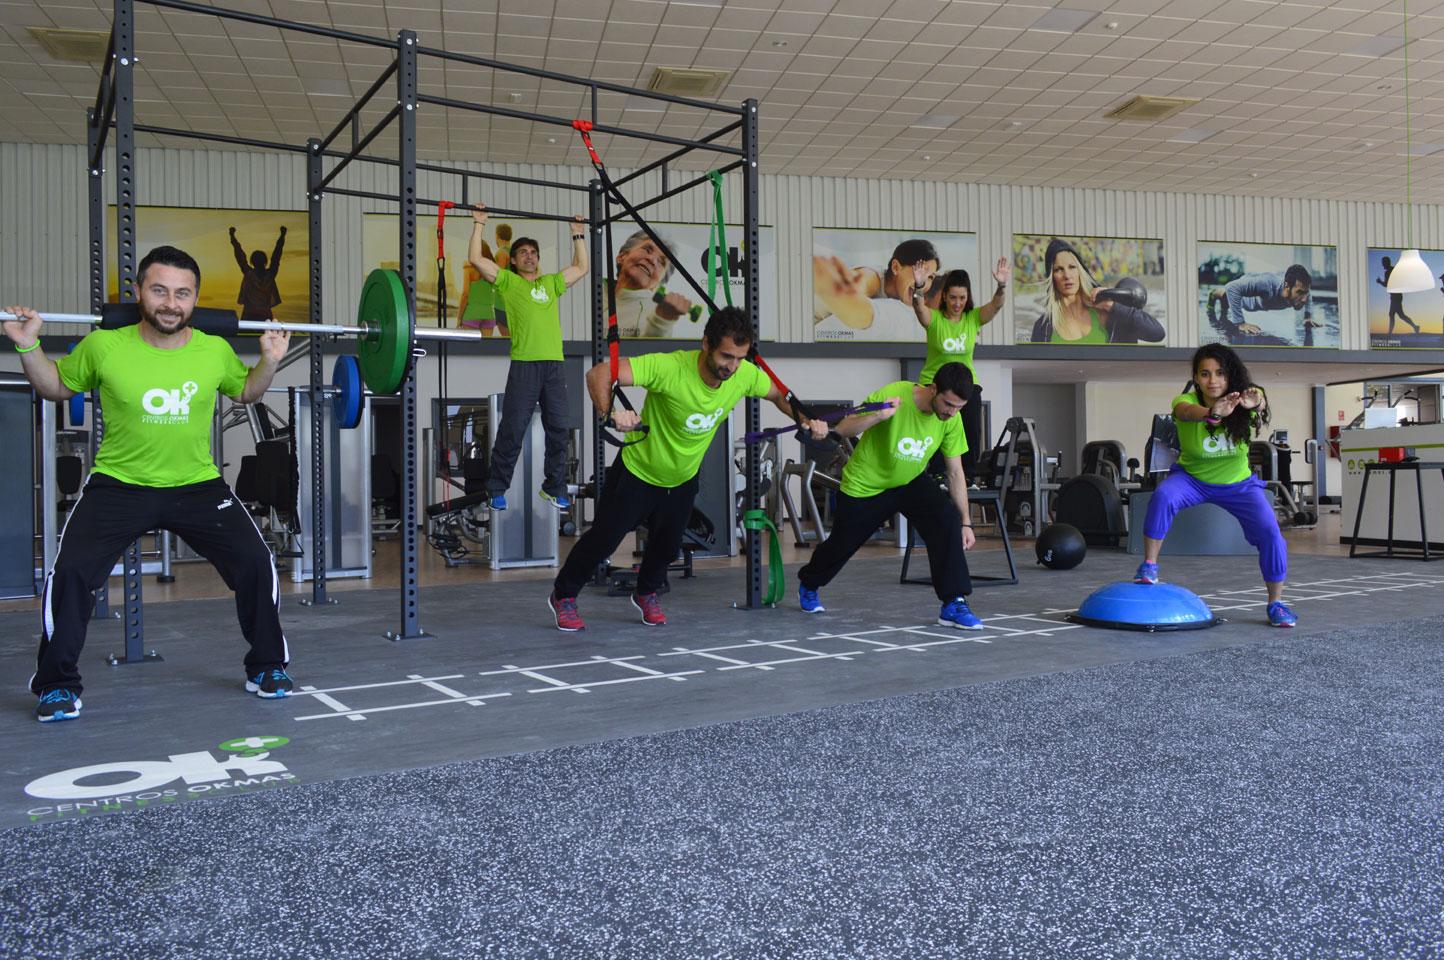 Okmas la propuesta flexible de gimnasios en andalucia for Gimnasio fitness las rosas